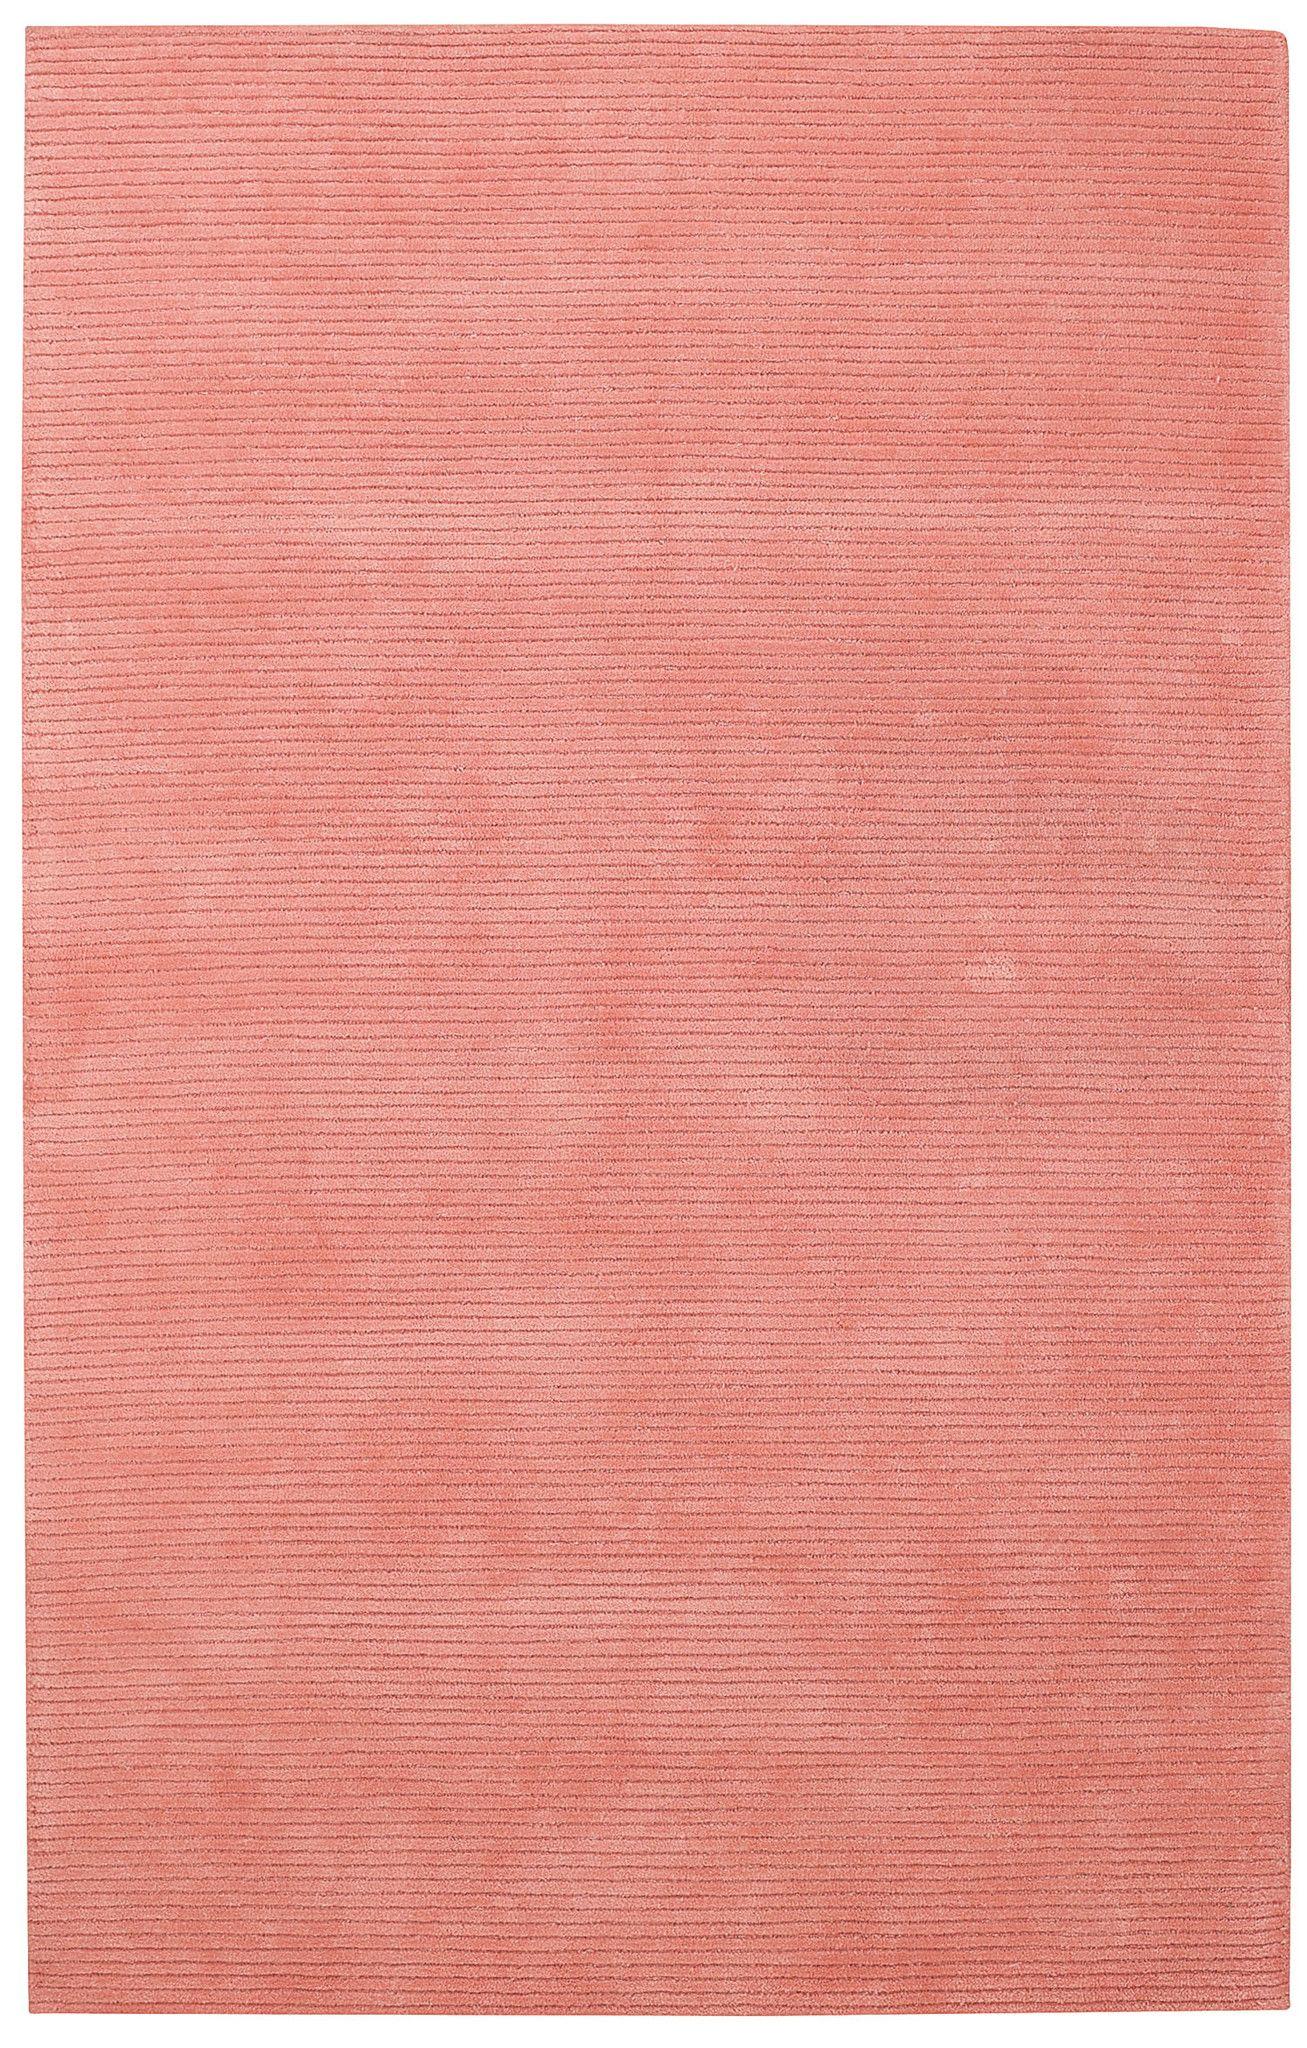 Ridgeway Rugs Petal Pink Rectangle